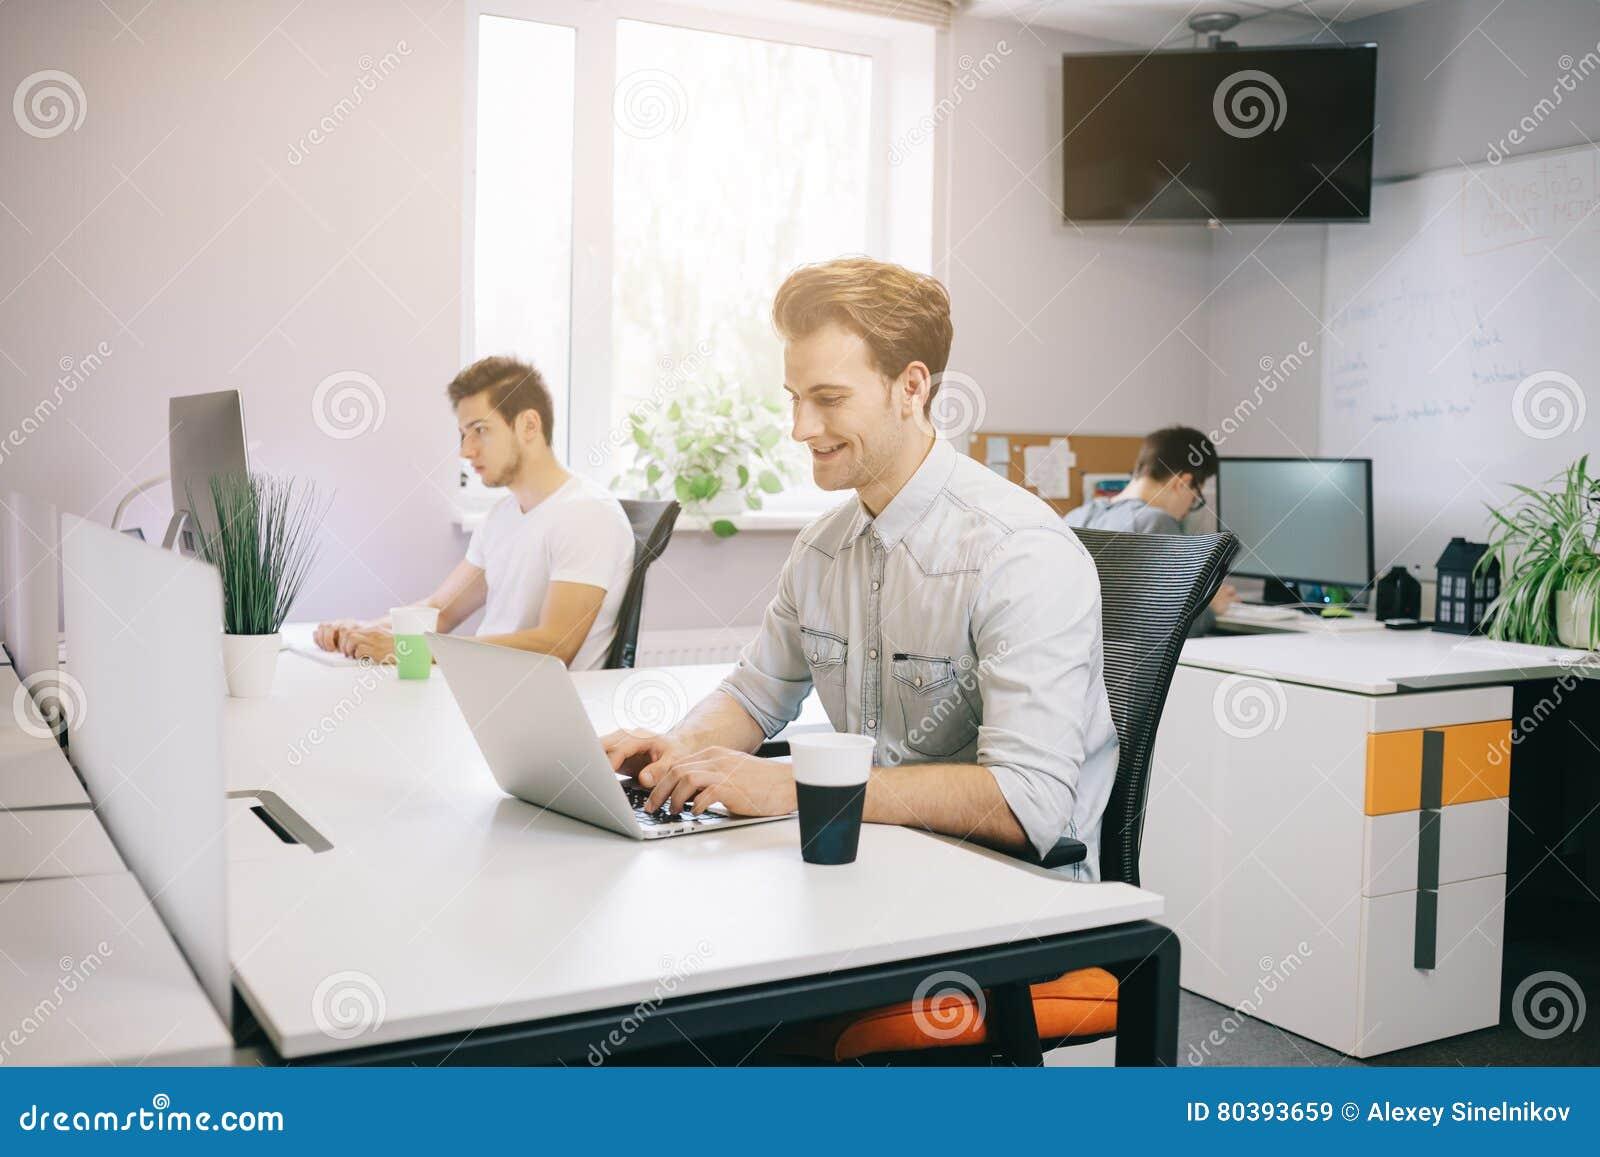 Молодой работник сидя в офисе на компьютере Фрилансер в белой рубашке Дизайнер сидит перед окном внутри